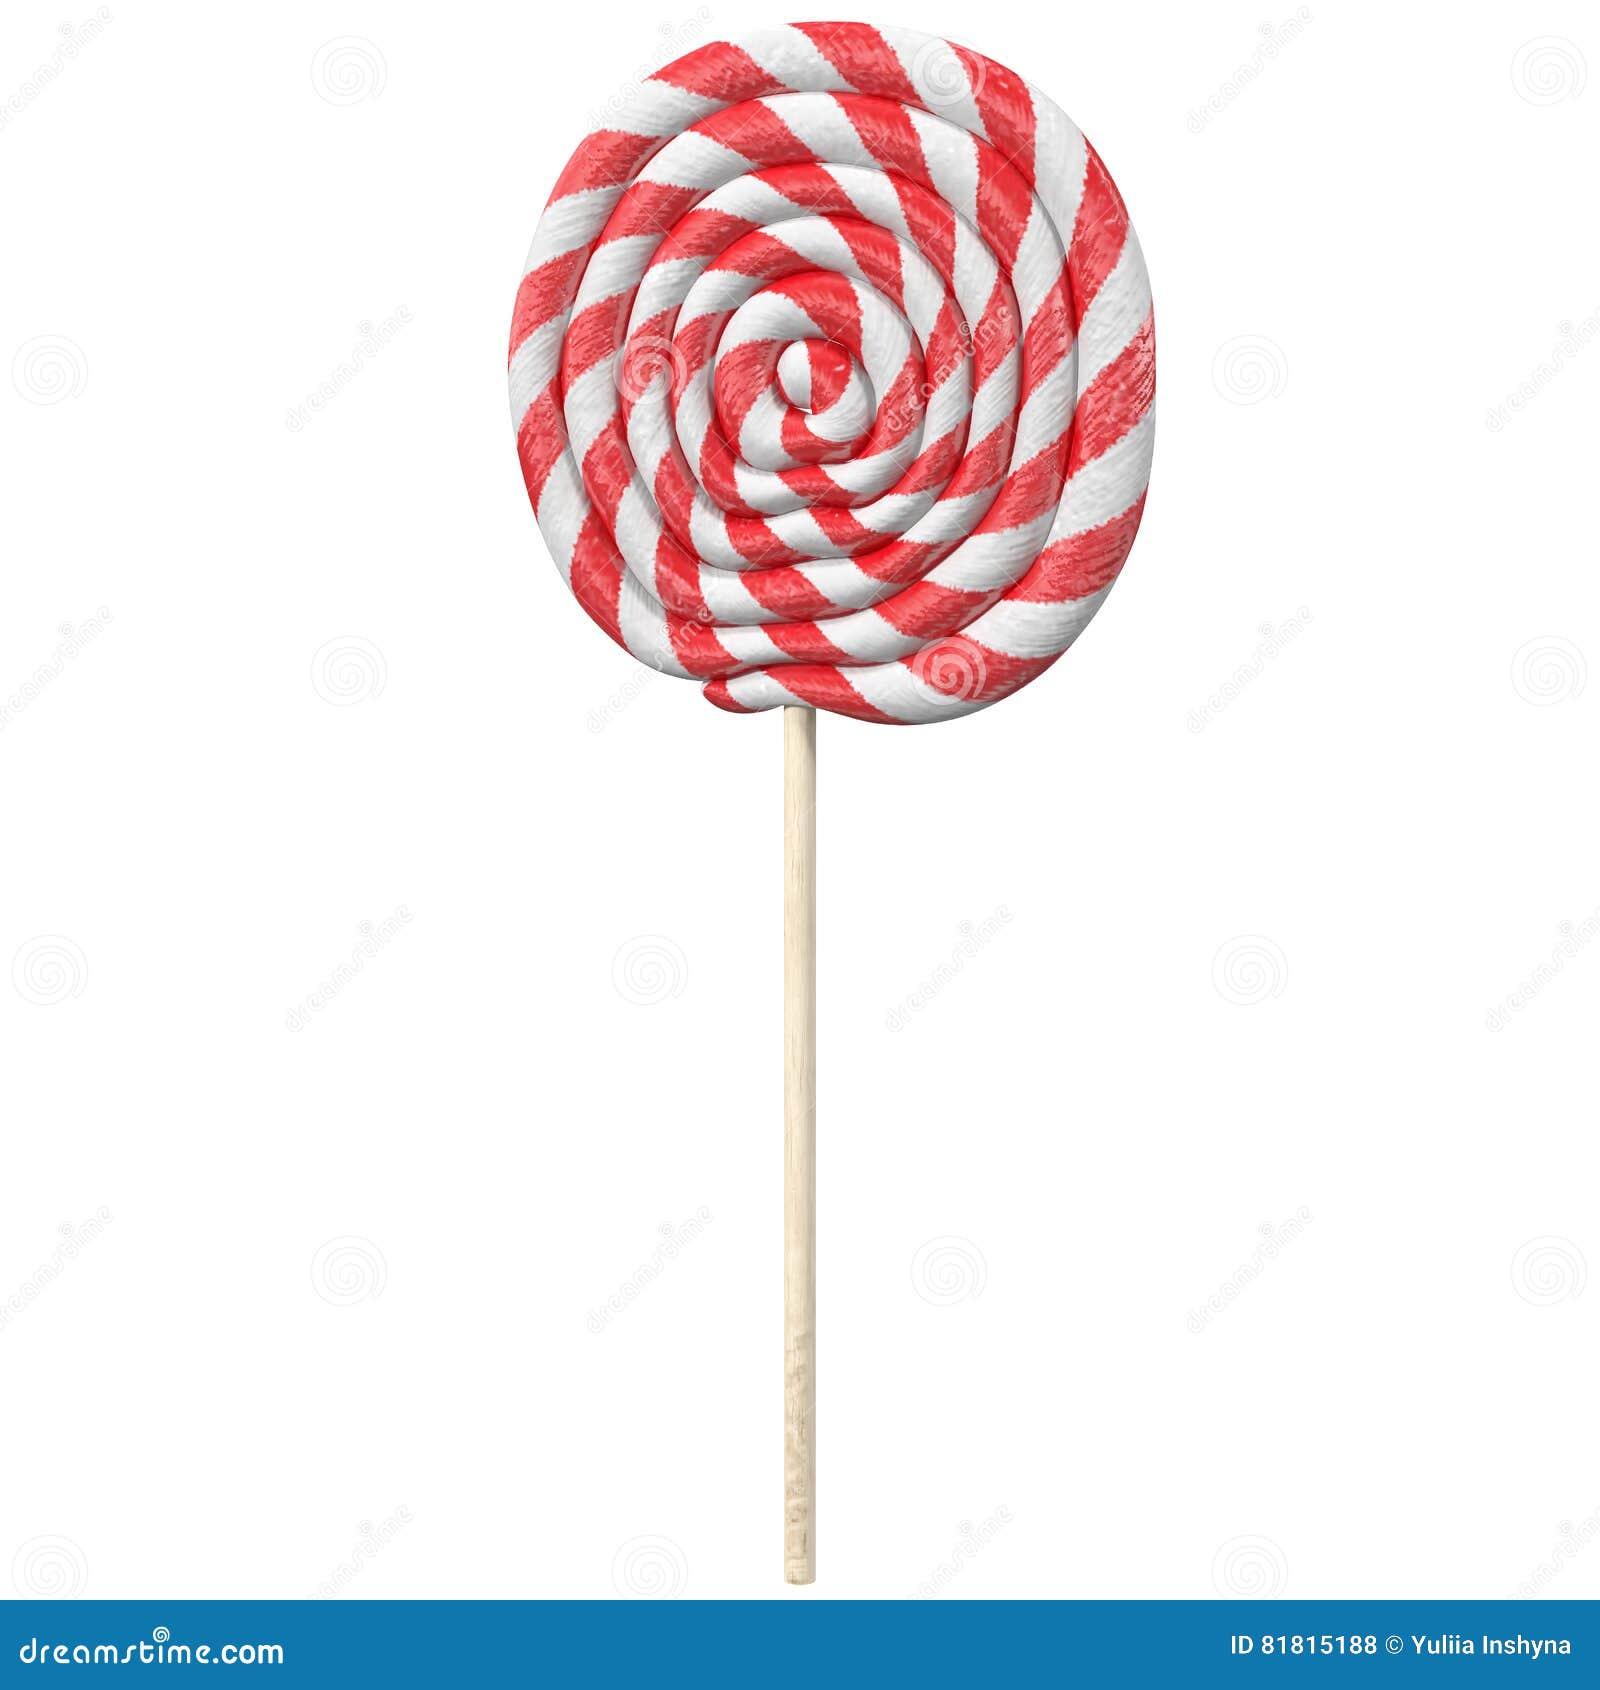 Красный и белый леденец на палочке 3d представляет